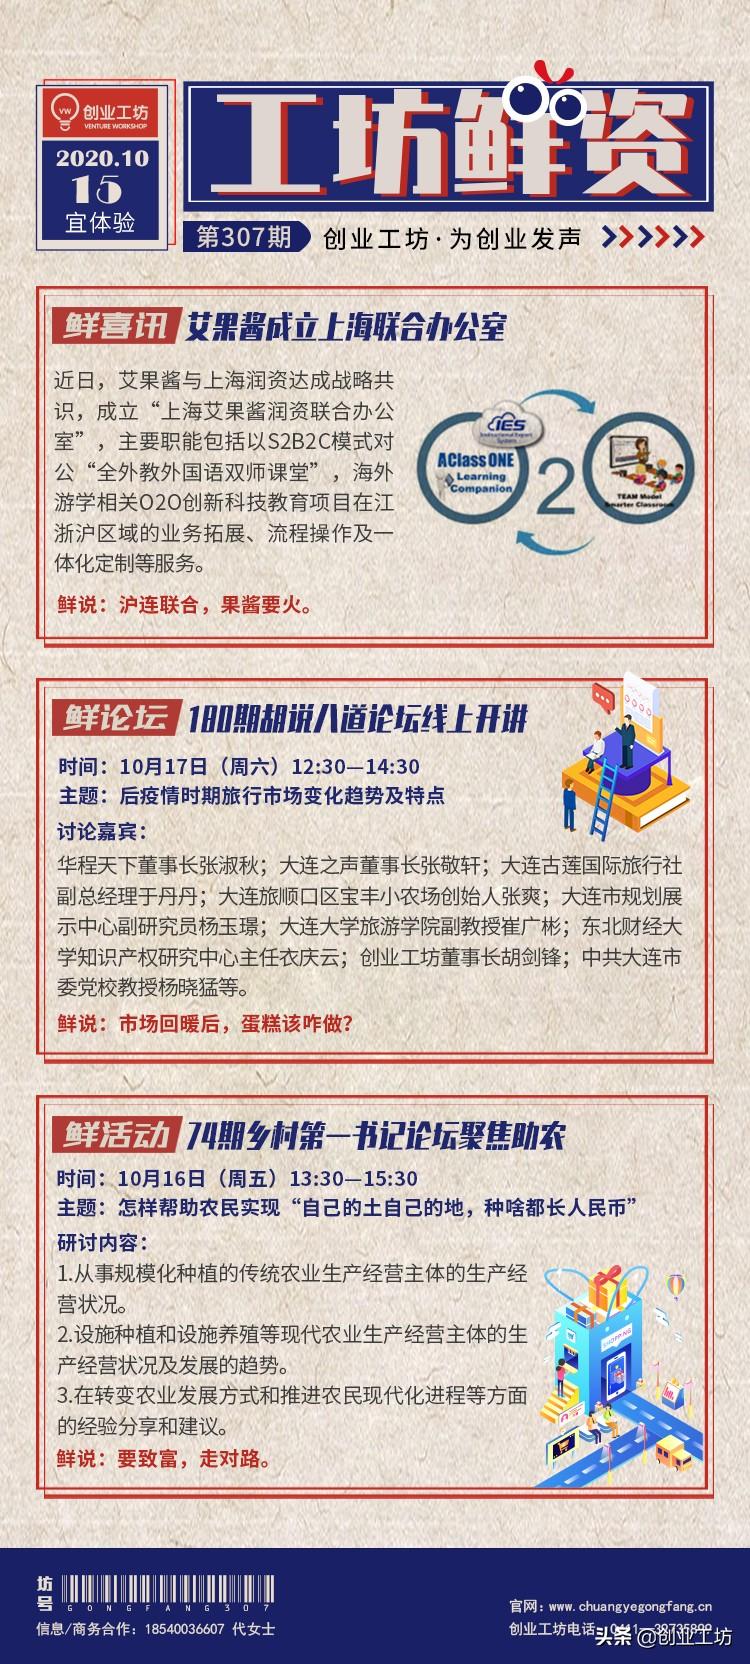 工坊鲜资307期:艾果酱上海联合办公室;180期胡说八道线上开讲